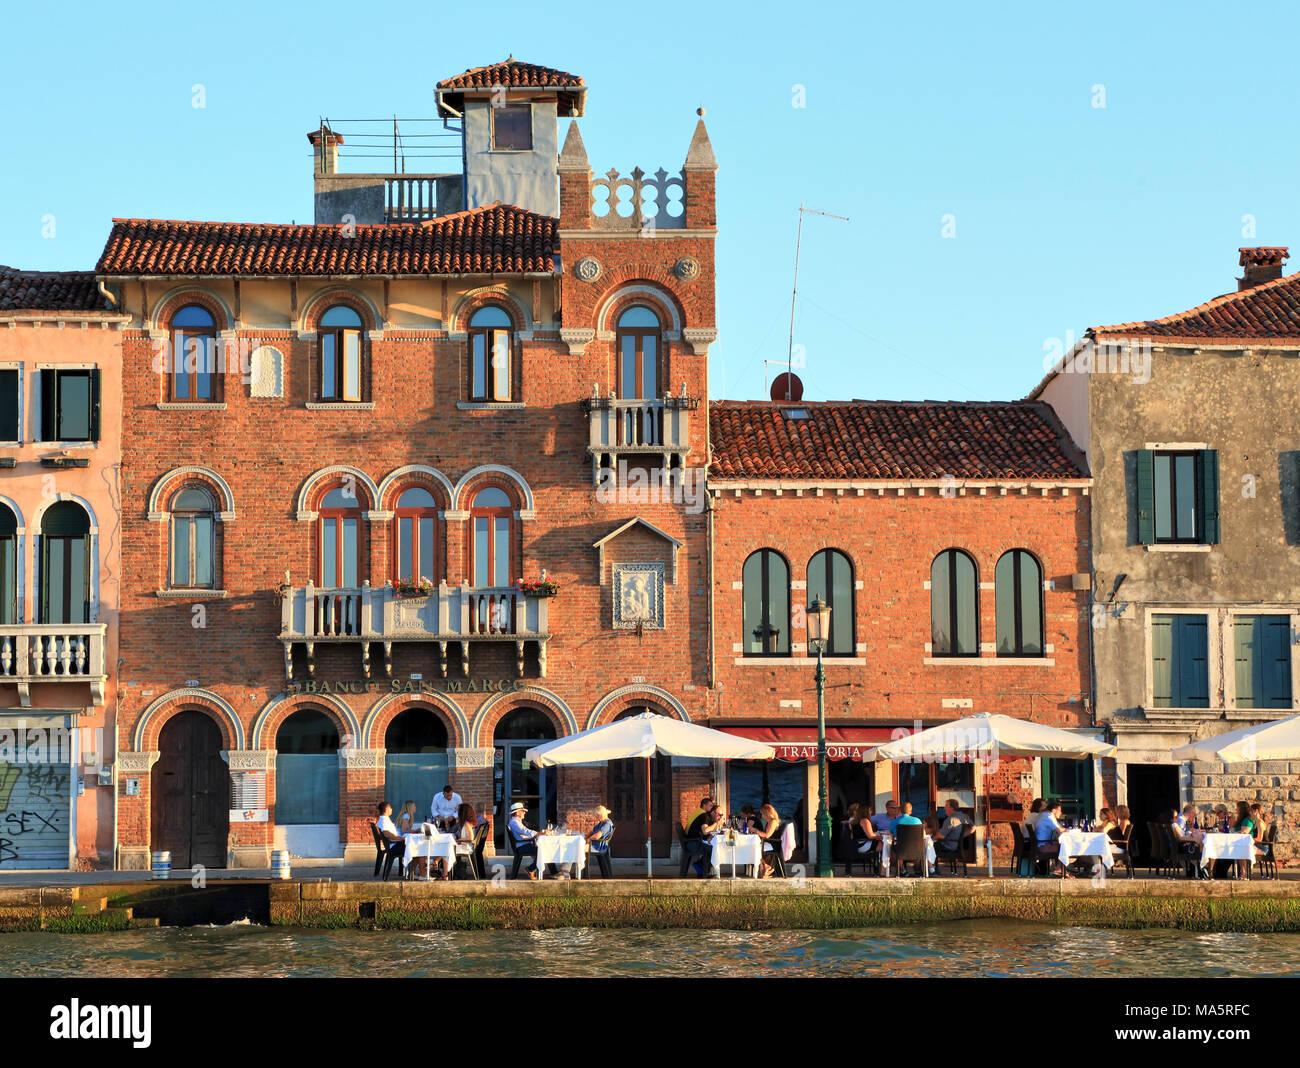 Restaurant 'Trattoria ai Cacciatori', Giudecca - Stock Image